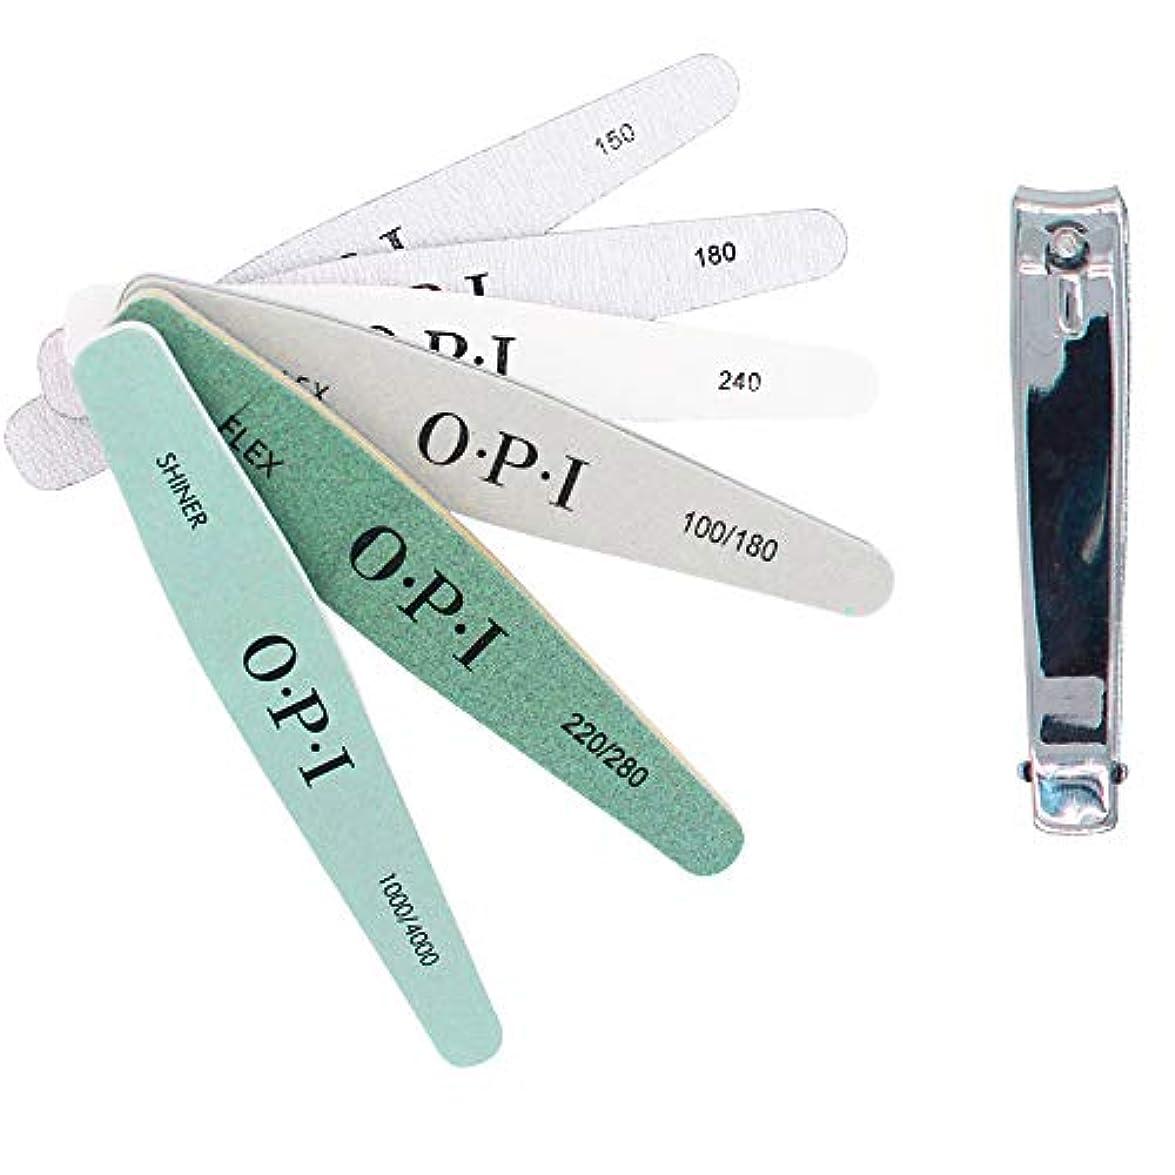 ガウン合図プットKINYOOOスポンジファイル、爪やすり、ネイルをつやつやに、のネイルツール、 150/180/200/240/280/1000/4000と(1 PCSメタルネイルはさみ)、ネイルケア用化粧マニキュアペディキュアセット。